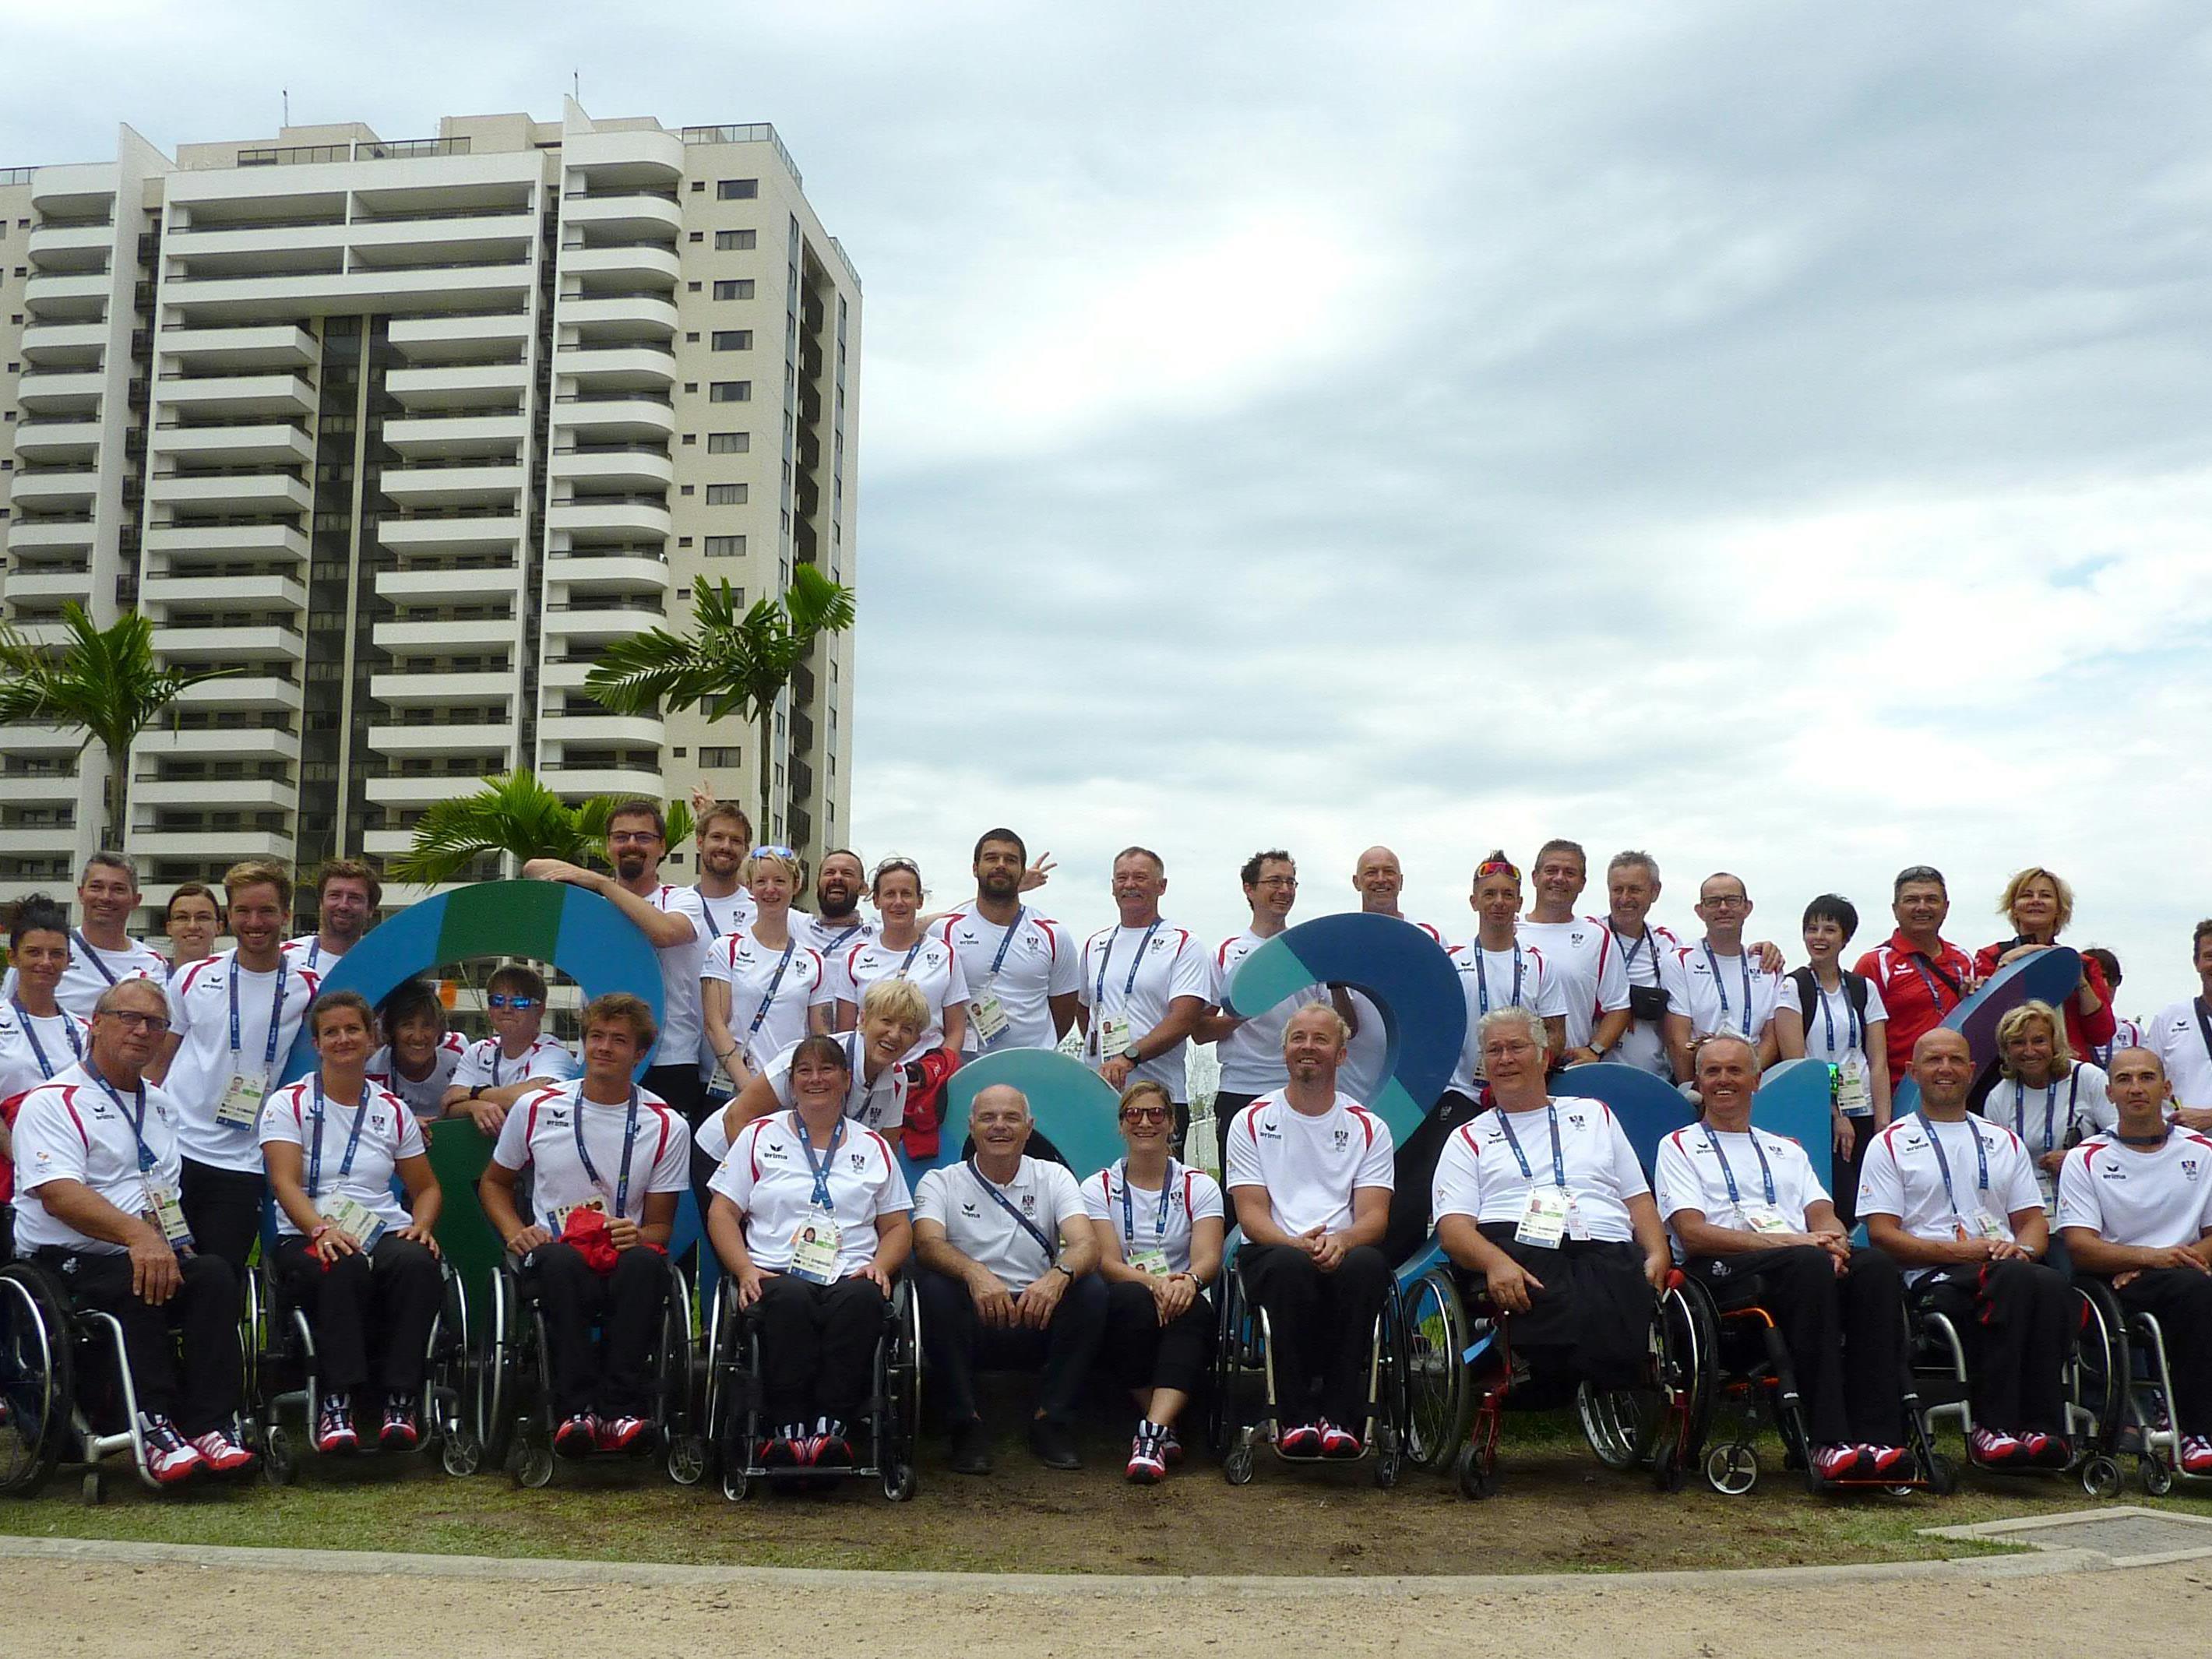 Die Paralympics-Athleten bei ihrer Ankunft in Rio - vorne in der Mitte Salzburgs Geierspichler.